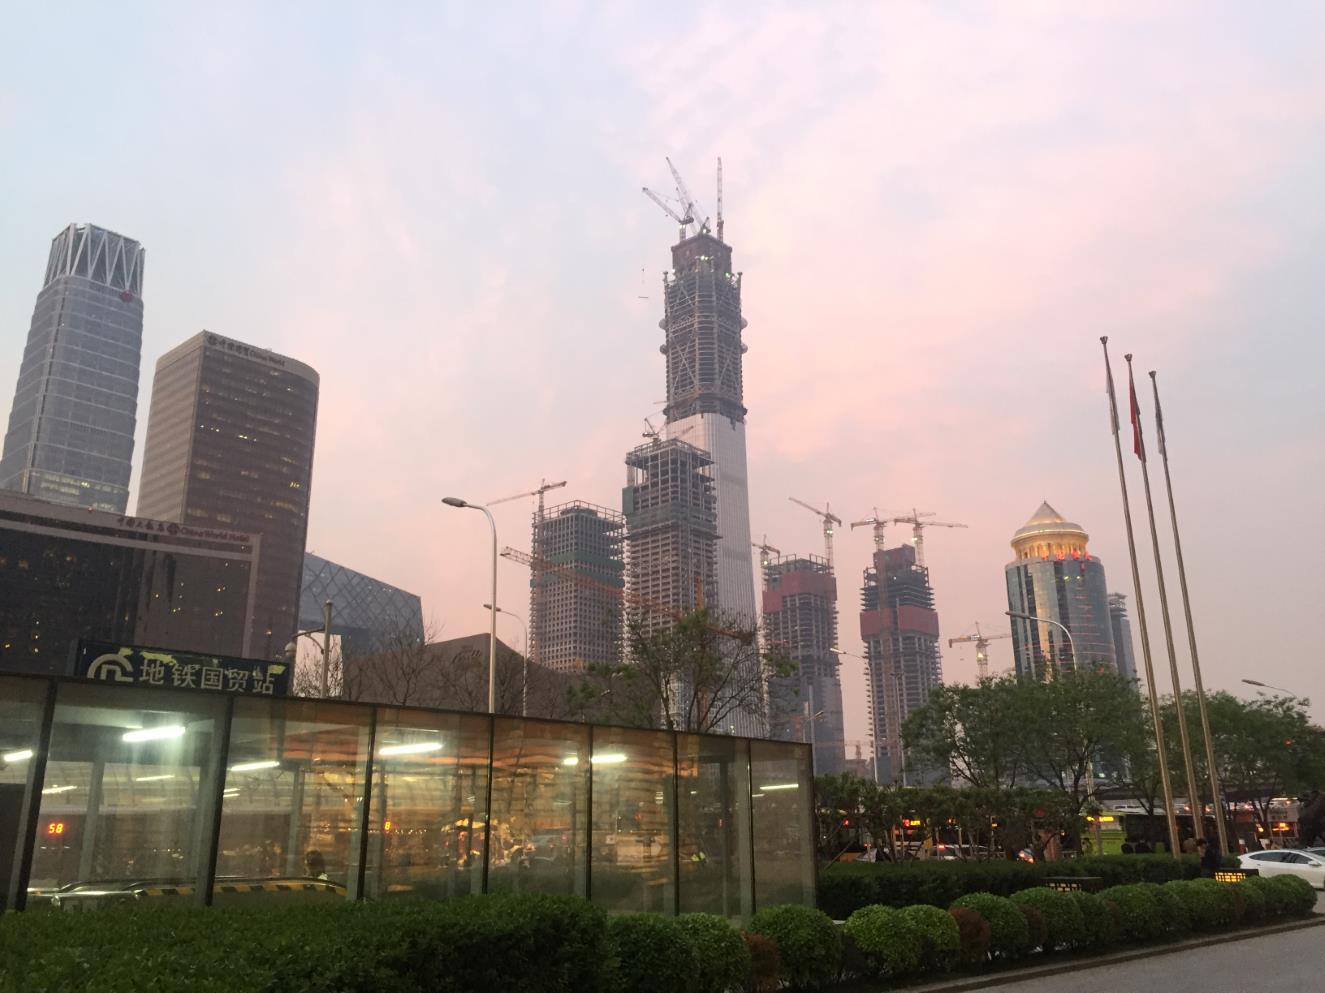 福建反超川渝,湖南中部最亮眼!2020中国企业500强地图